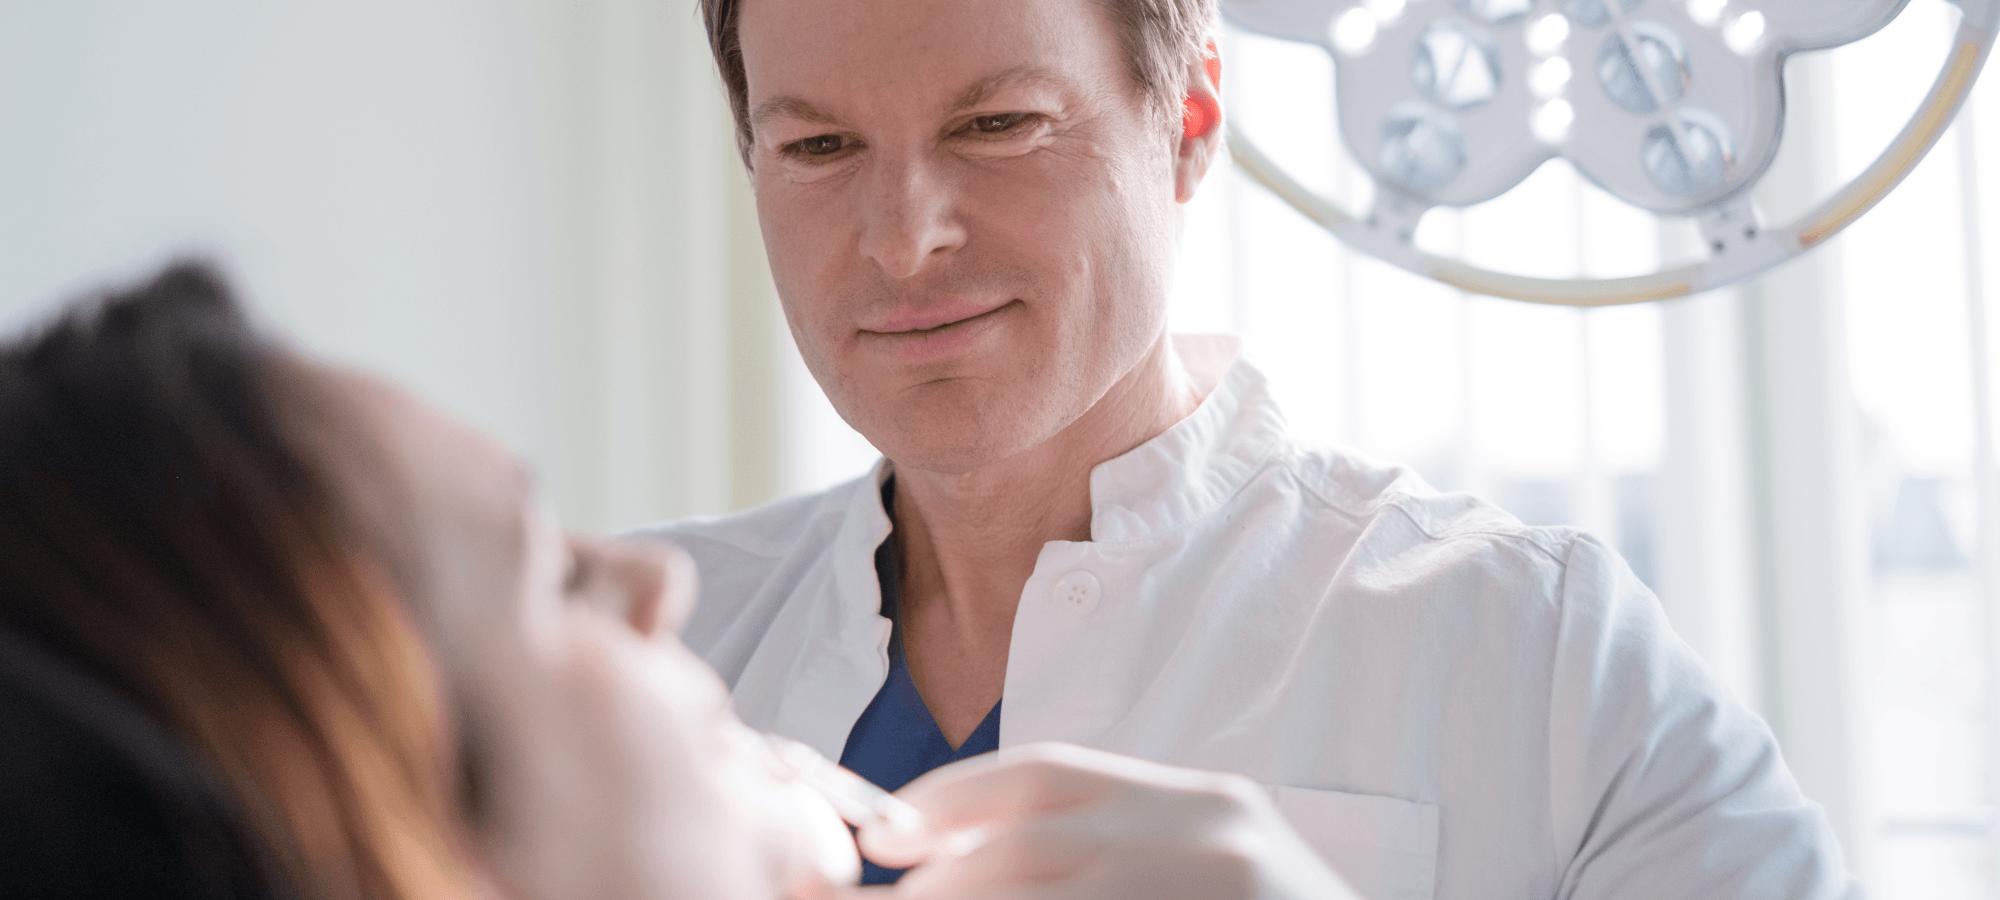 Faltenbehandlung mit Botox | groisman & laube